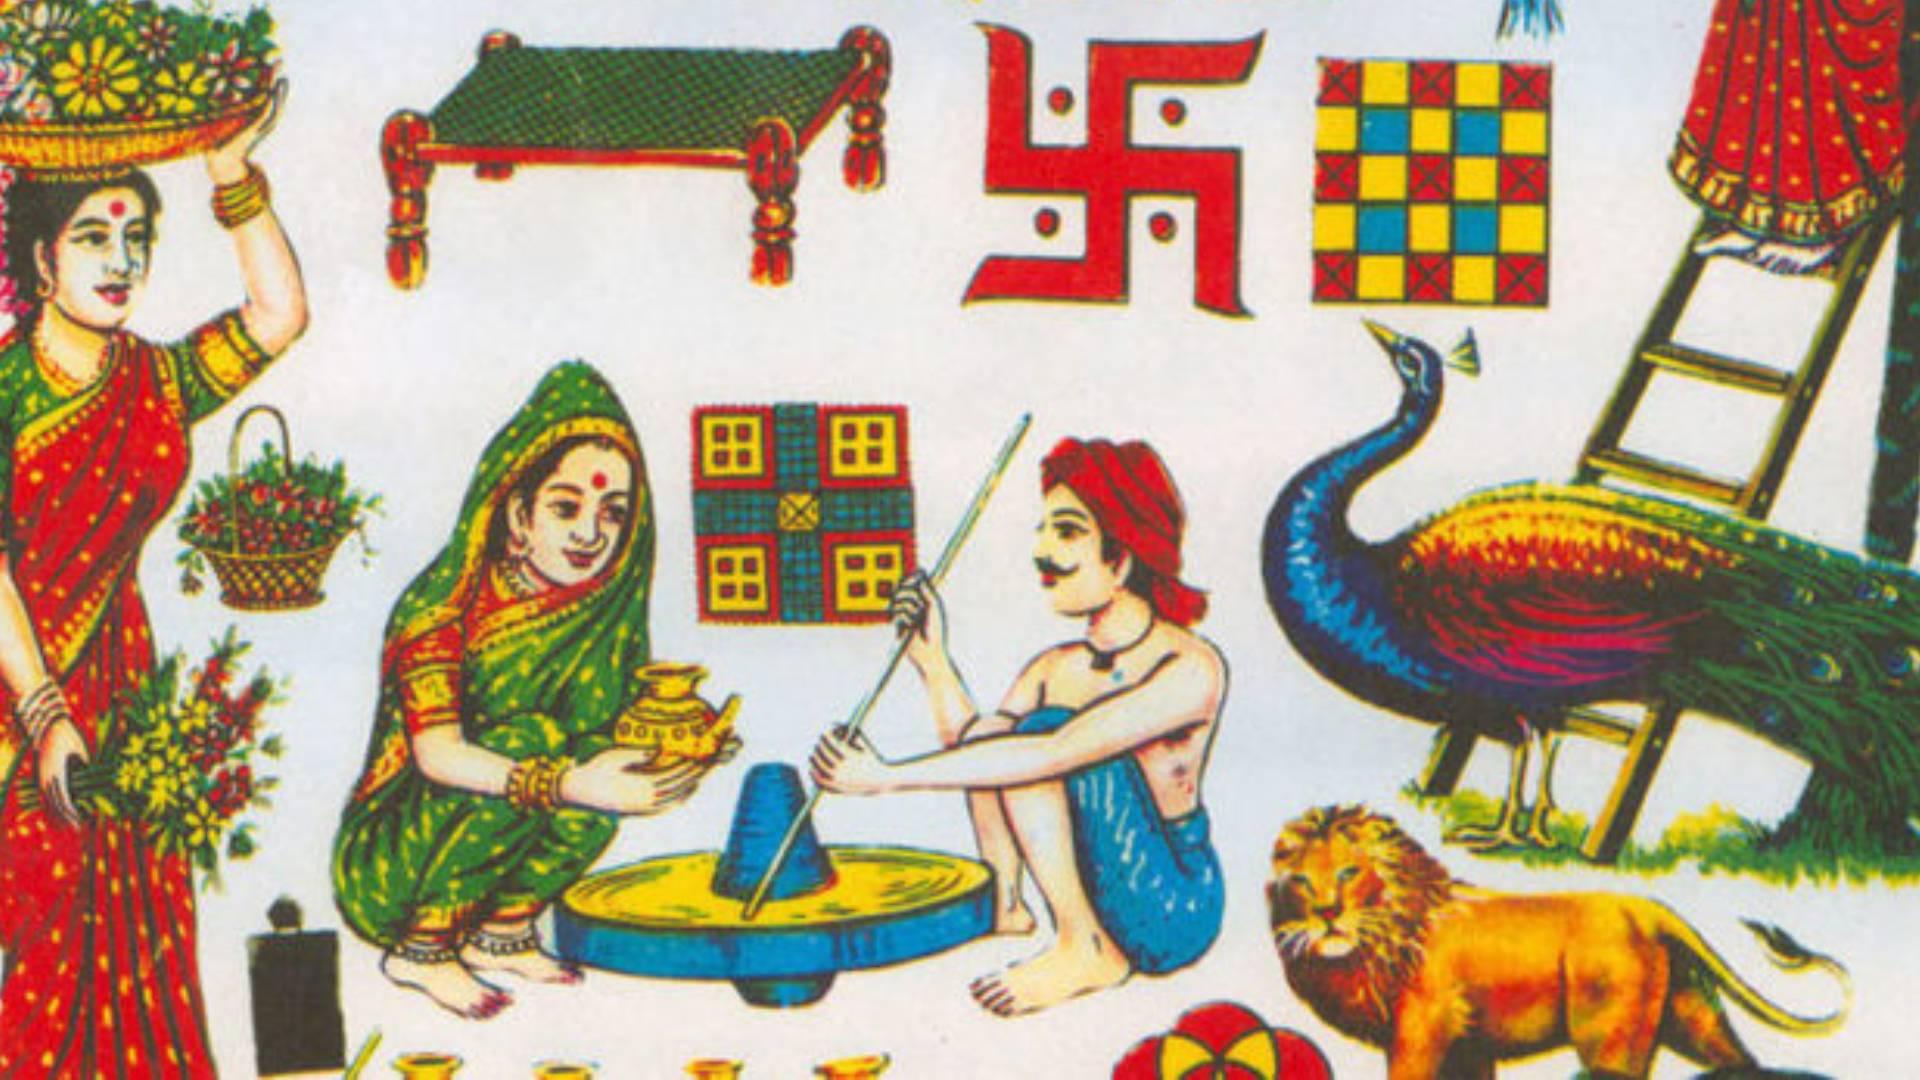 Ahoi Ashtami 2019 Date: आज मनाई जा रही है अहोई अष्टमी, जानिए इसकी मान्यताएं और पूजा की विधि